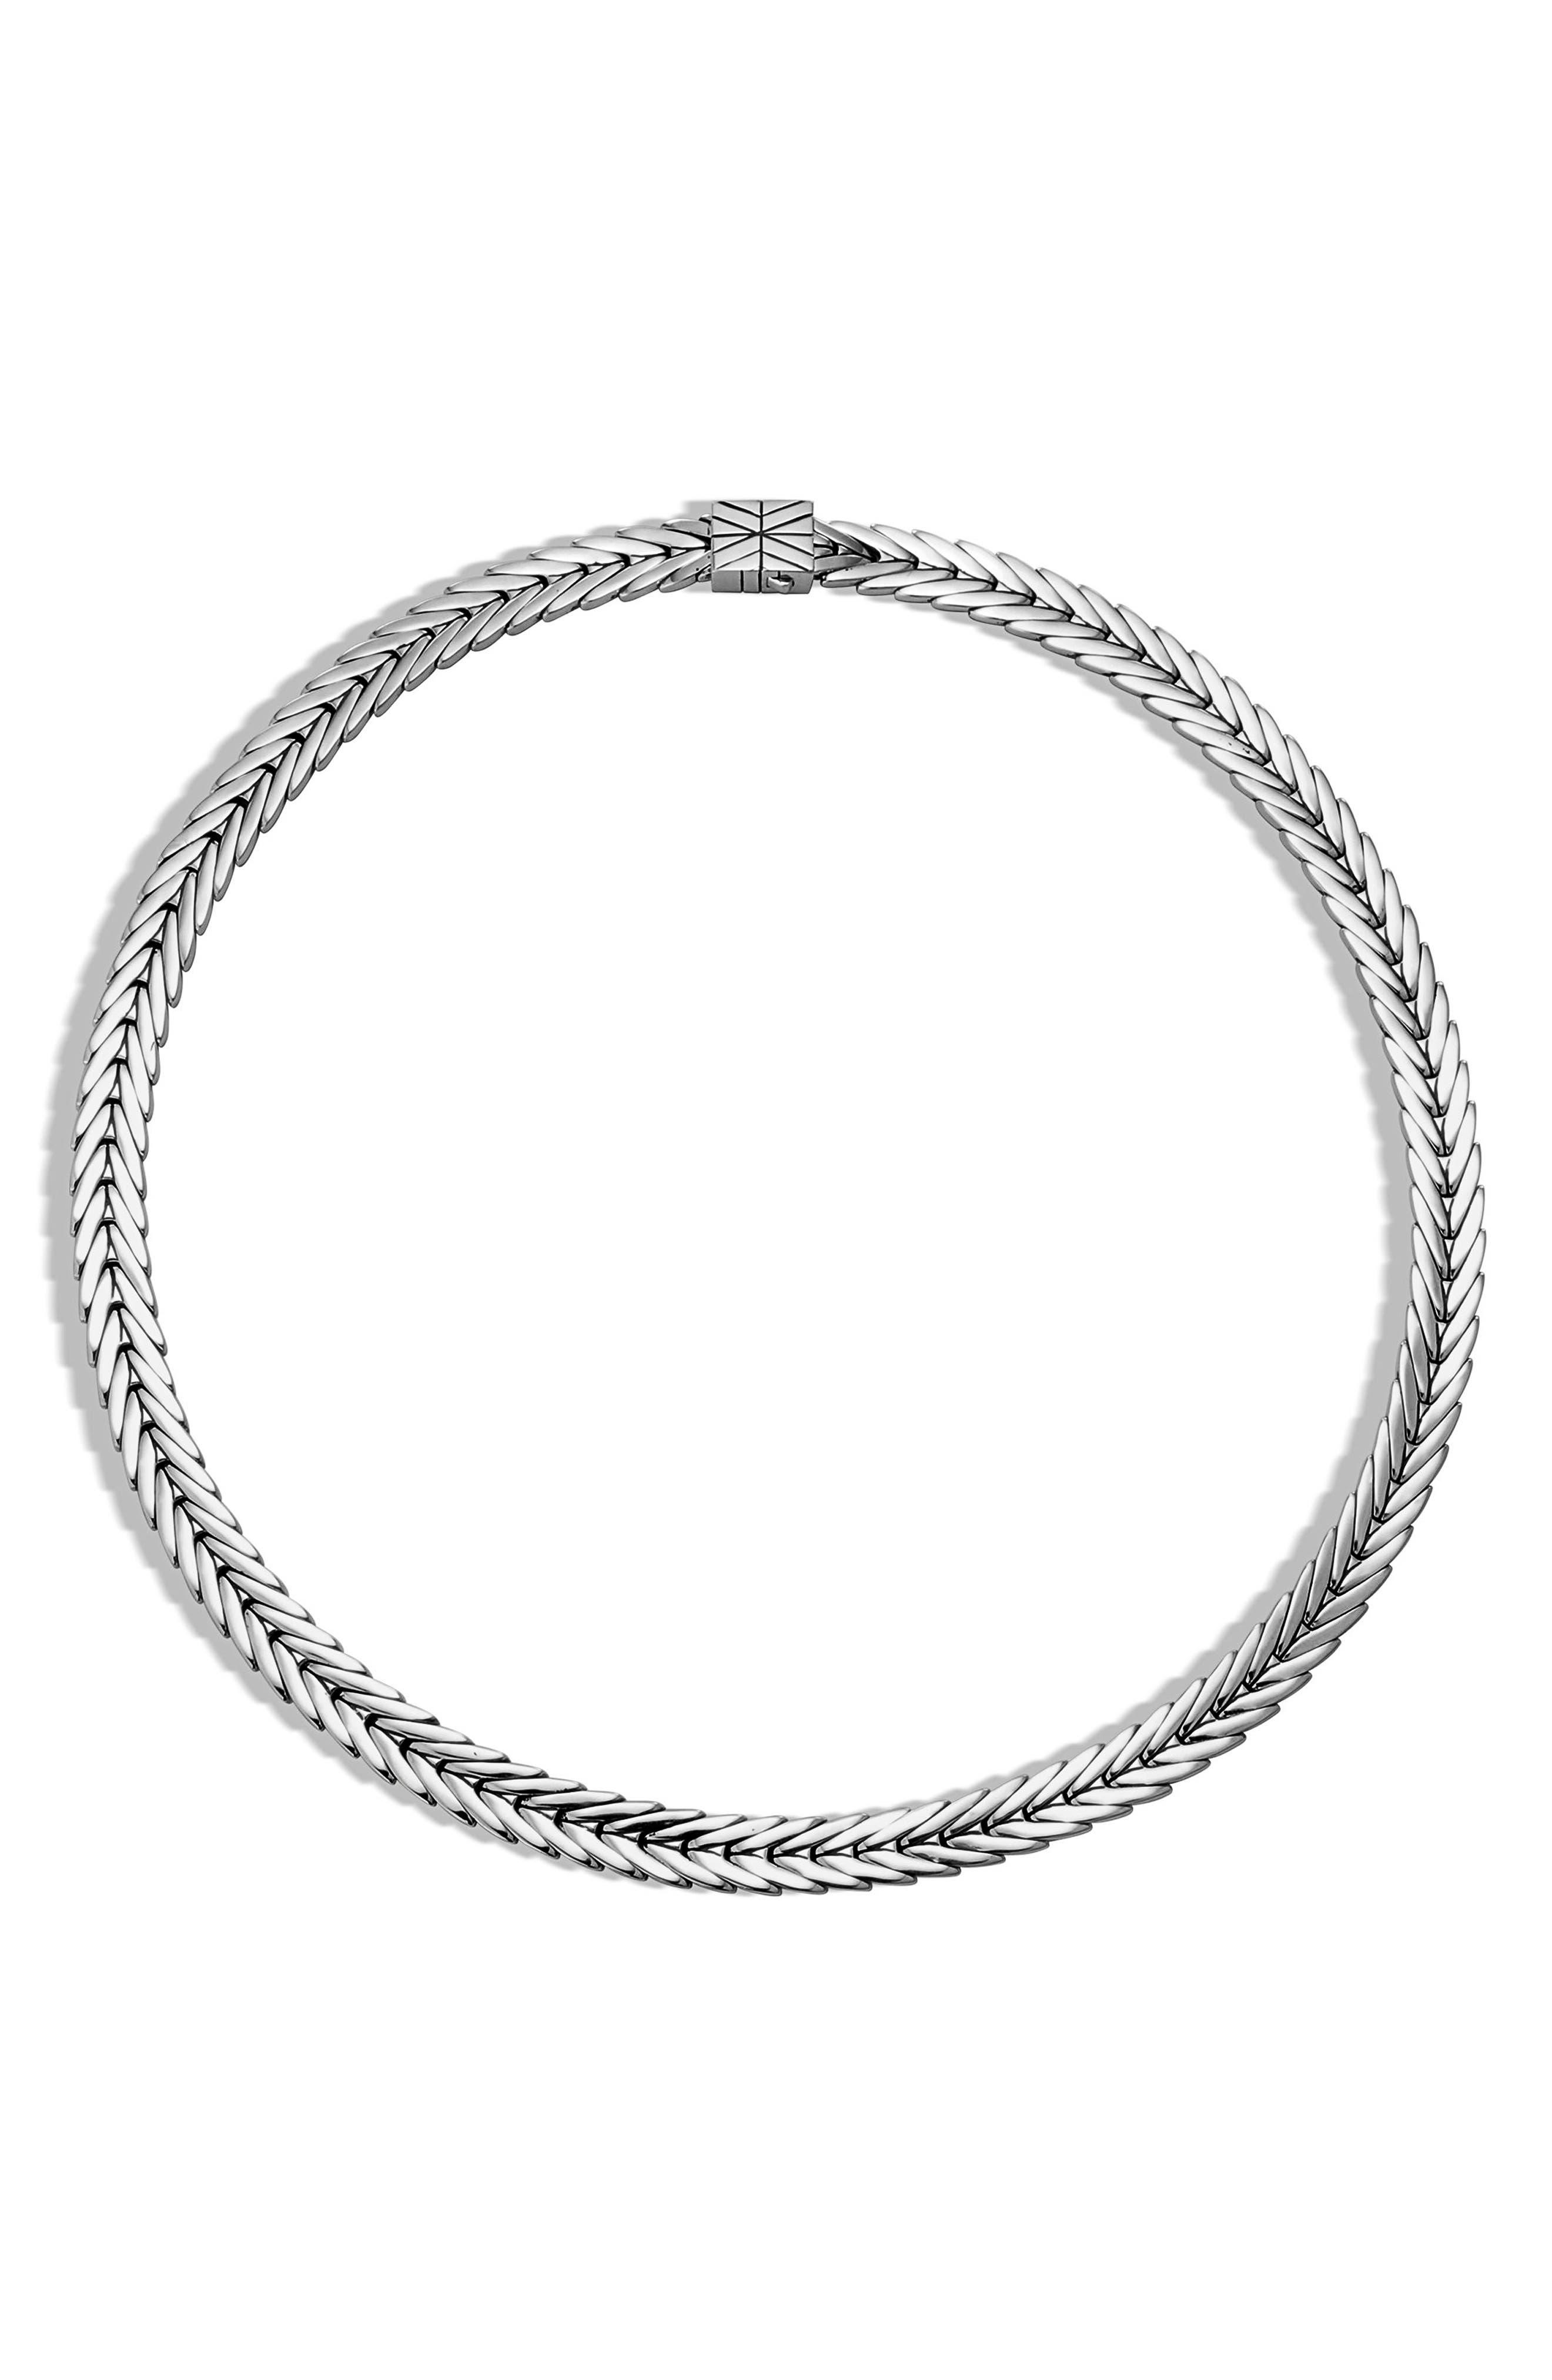 Main Image - John Hardy Modern Chain Collar Necklace